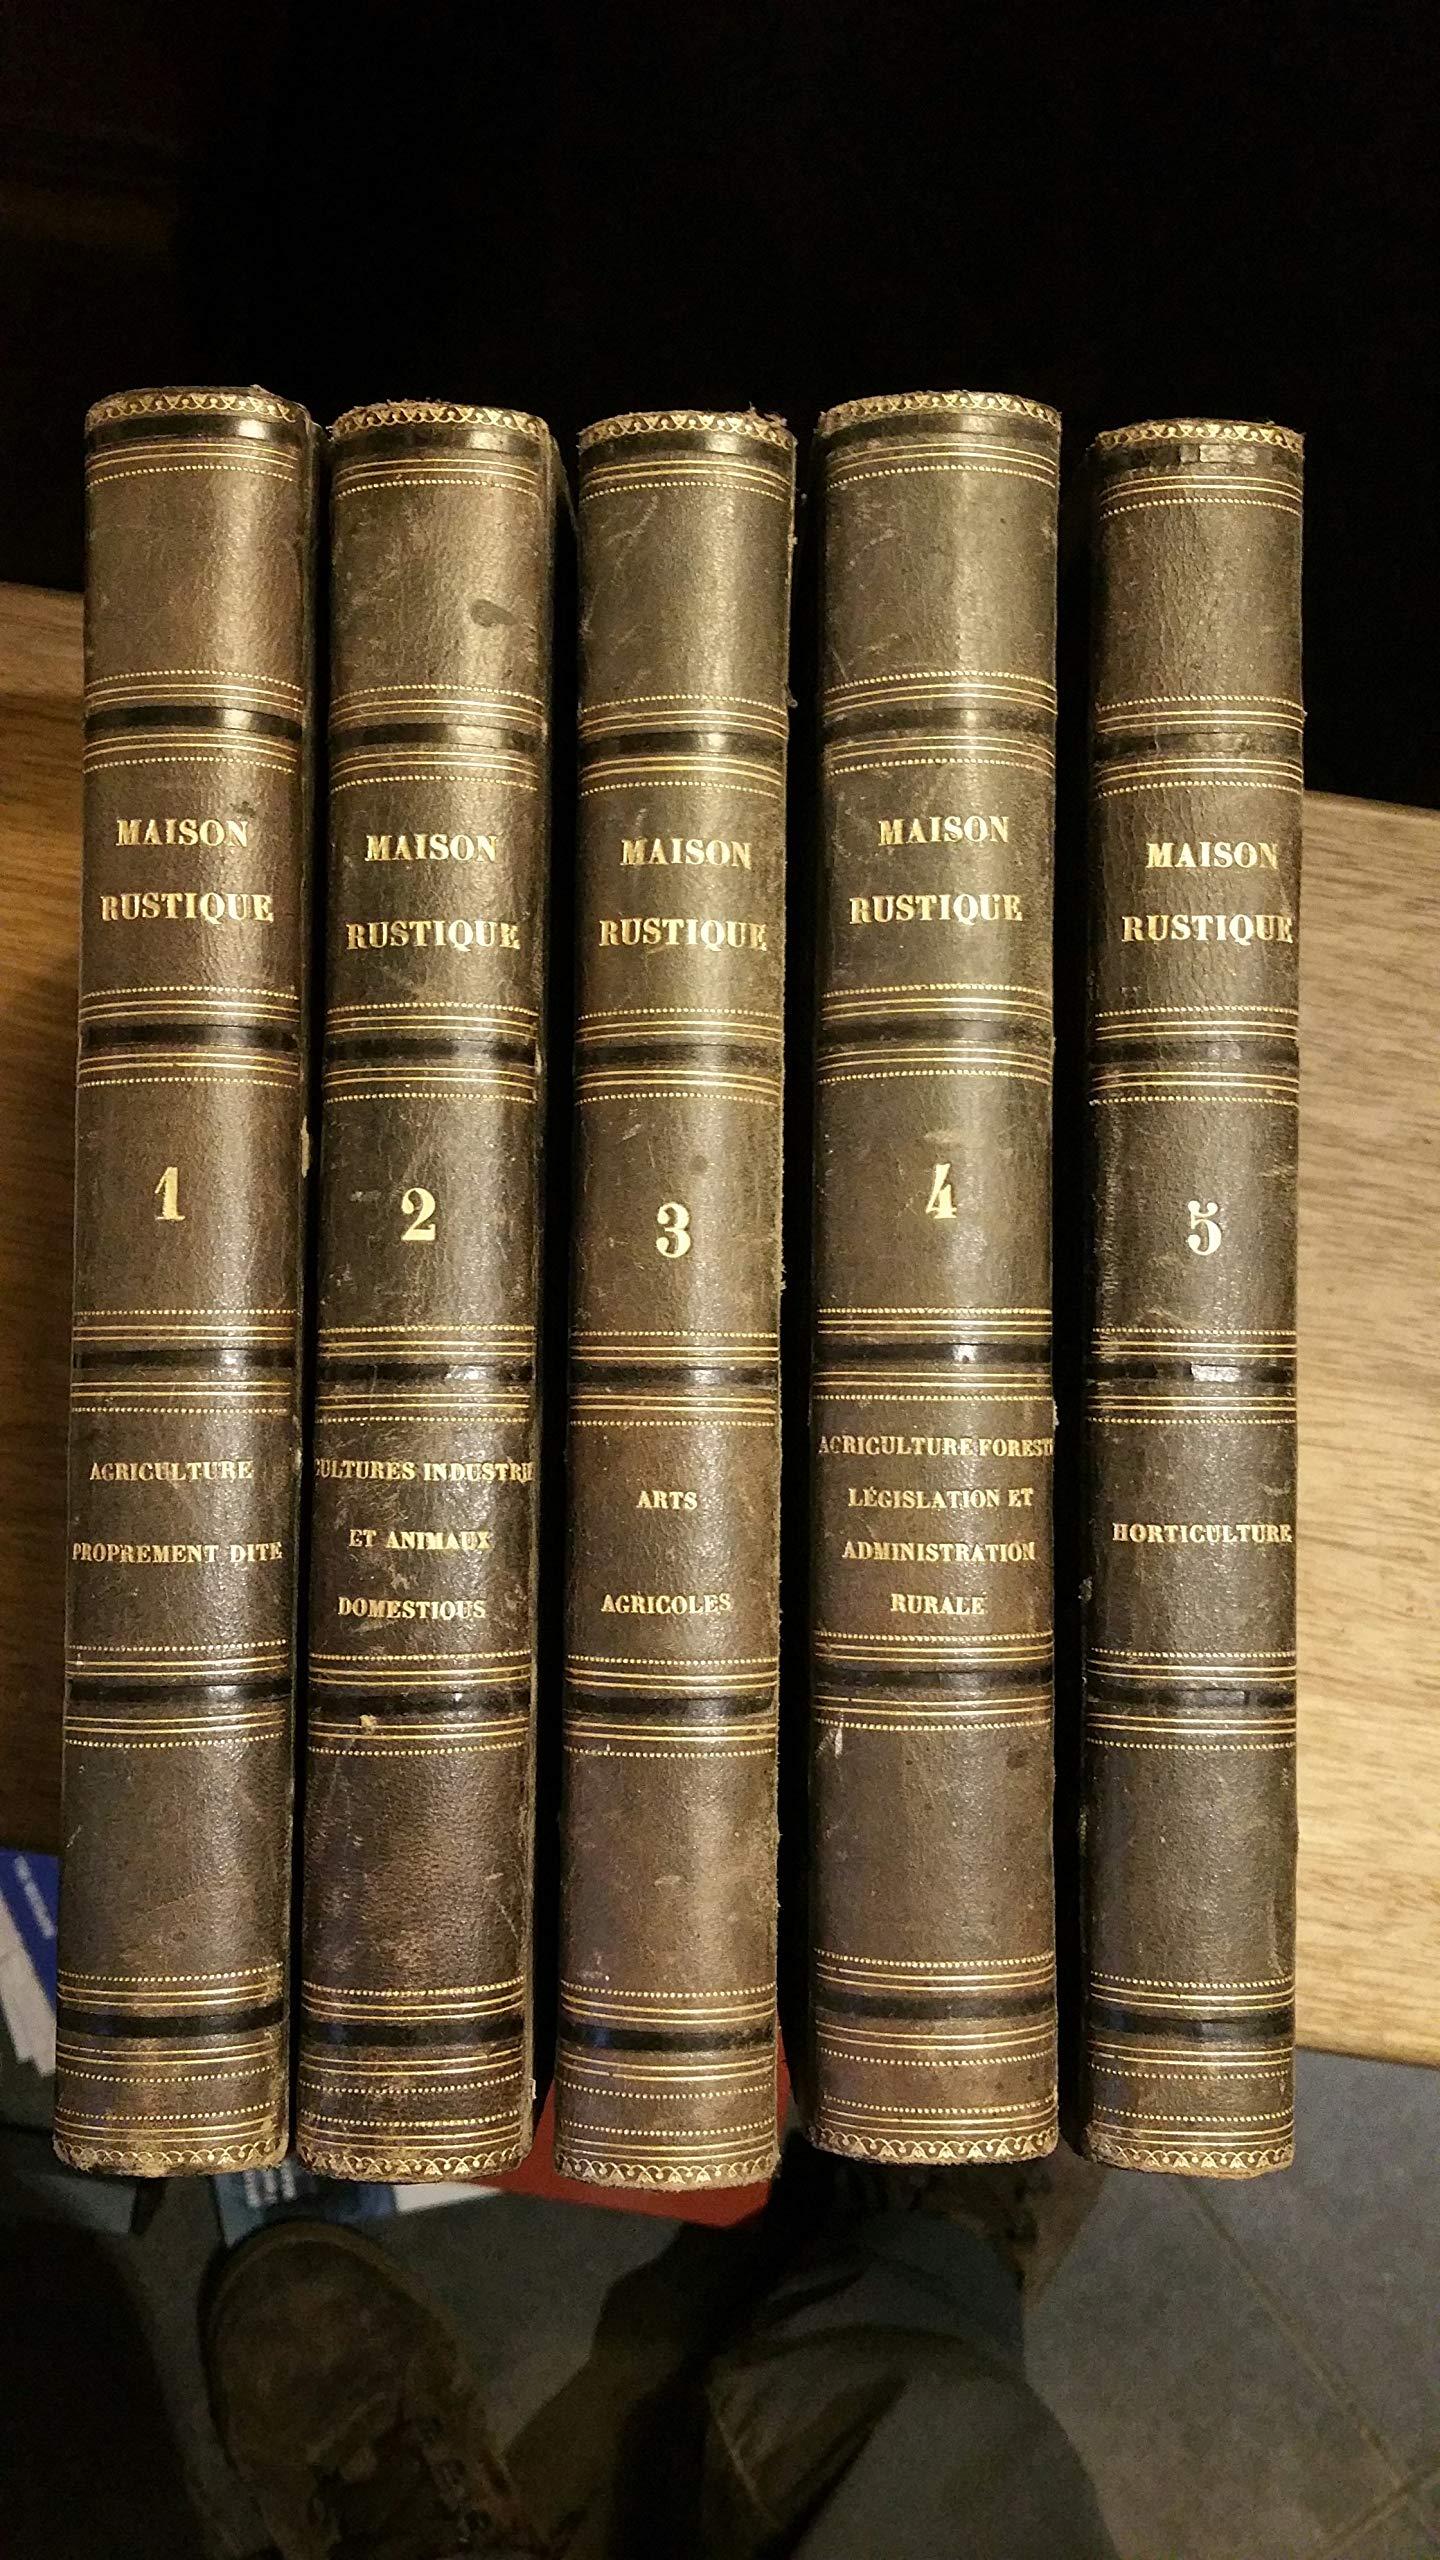 Amazon.fr - Maison rustique du XIXème siècle: les 9 volumes reliés